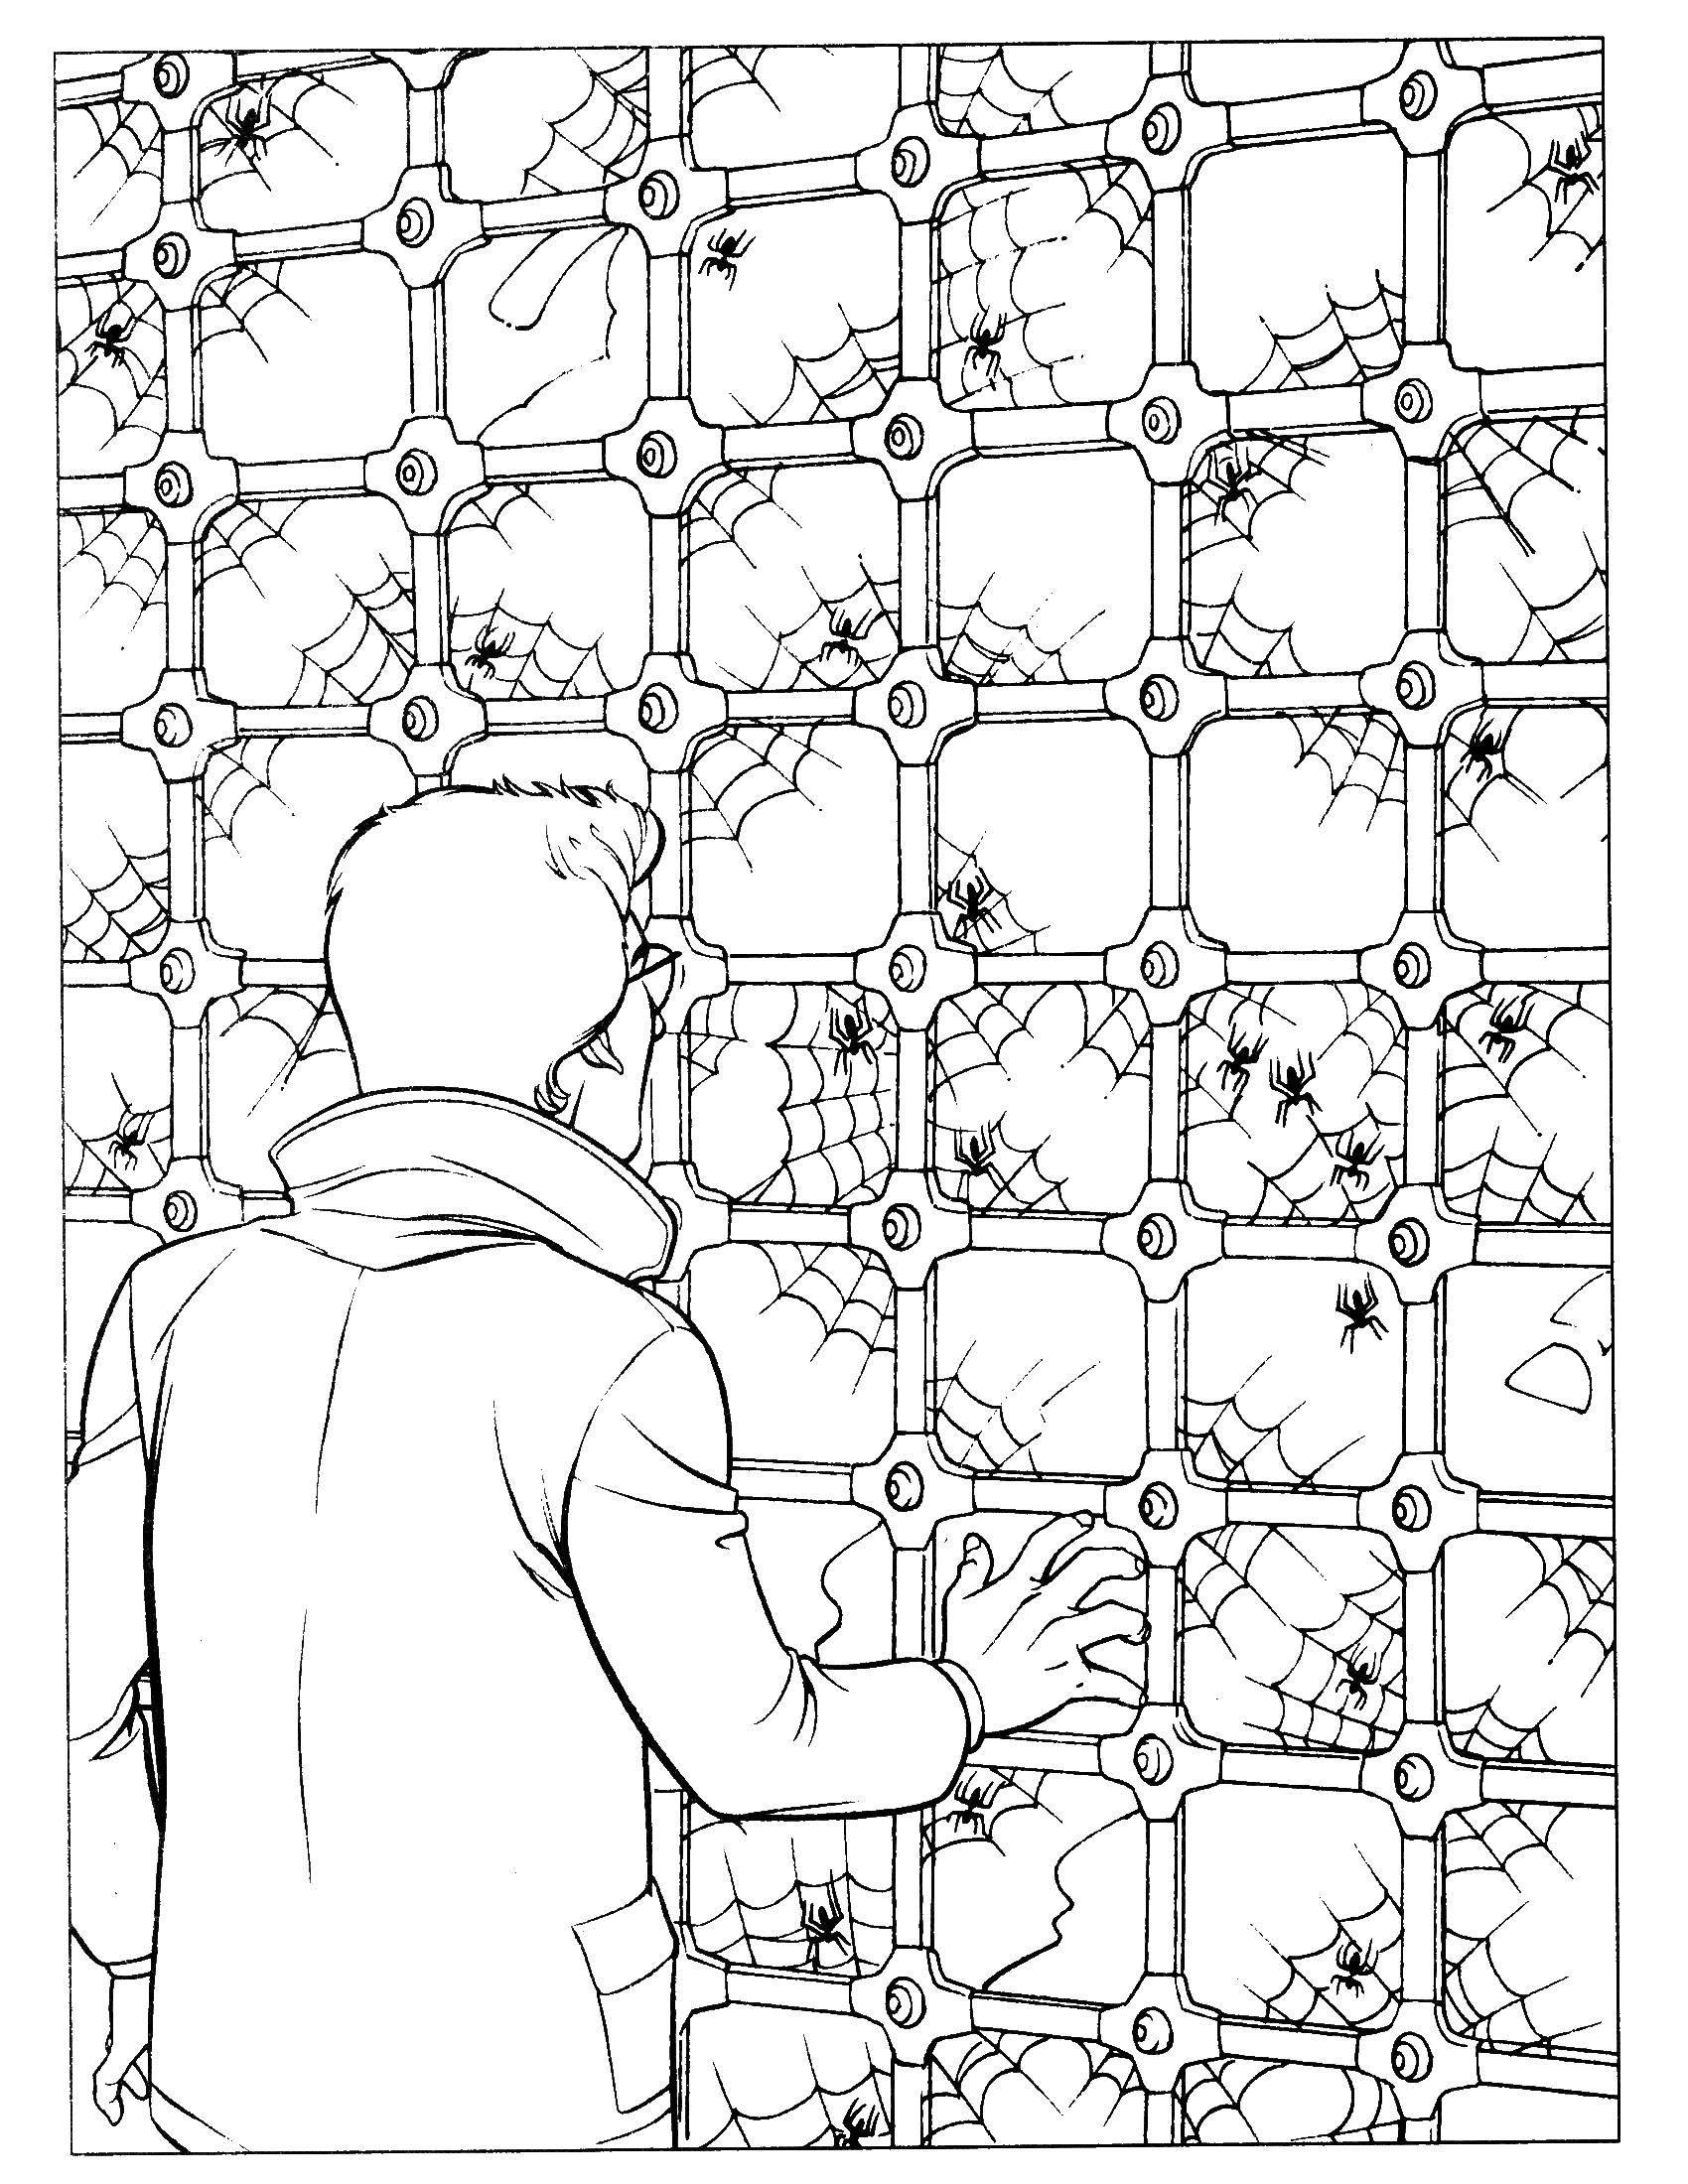 Раскраска Питер паркер человек паук Скачать человек паук, супергерои.  Распечатать ,человек паук,